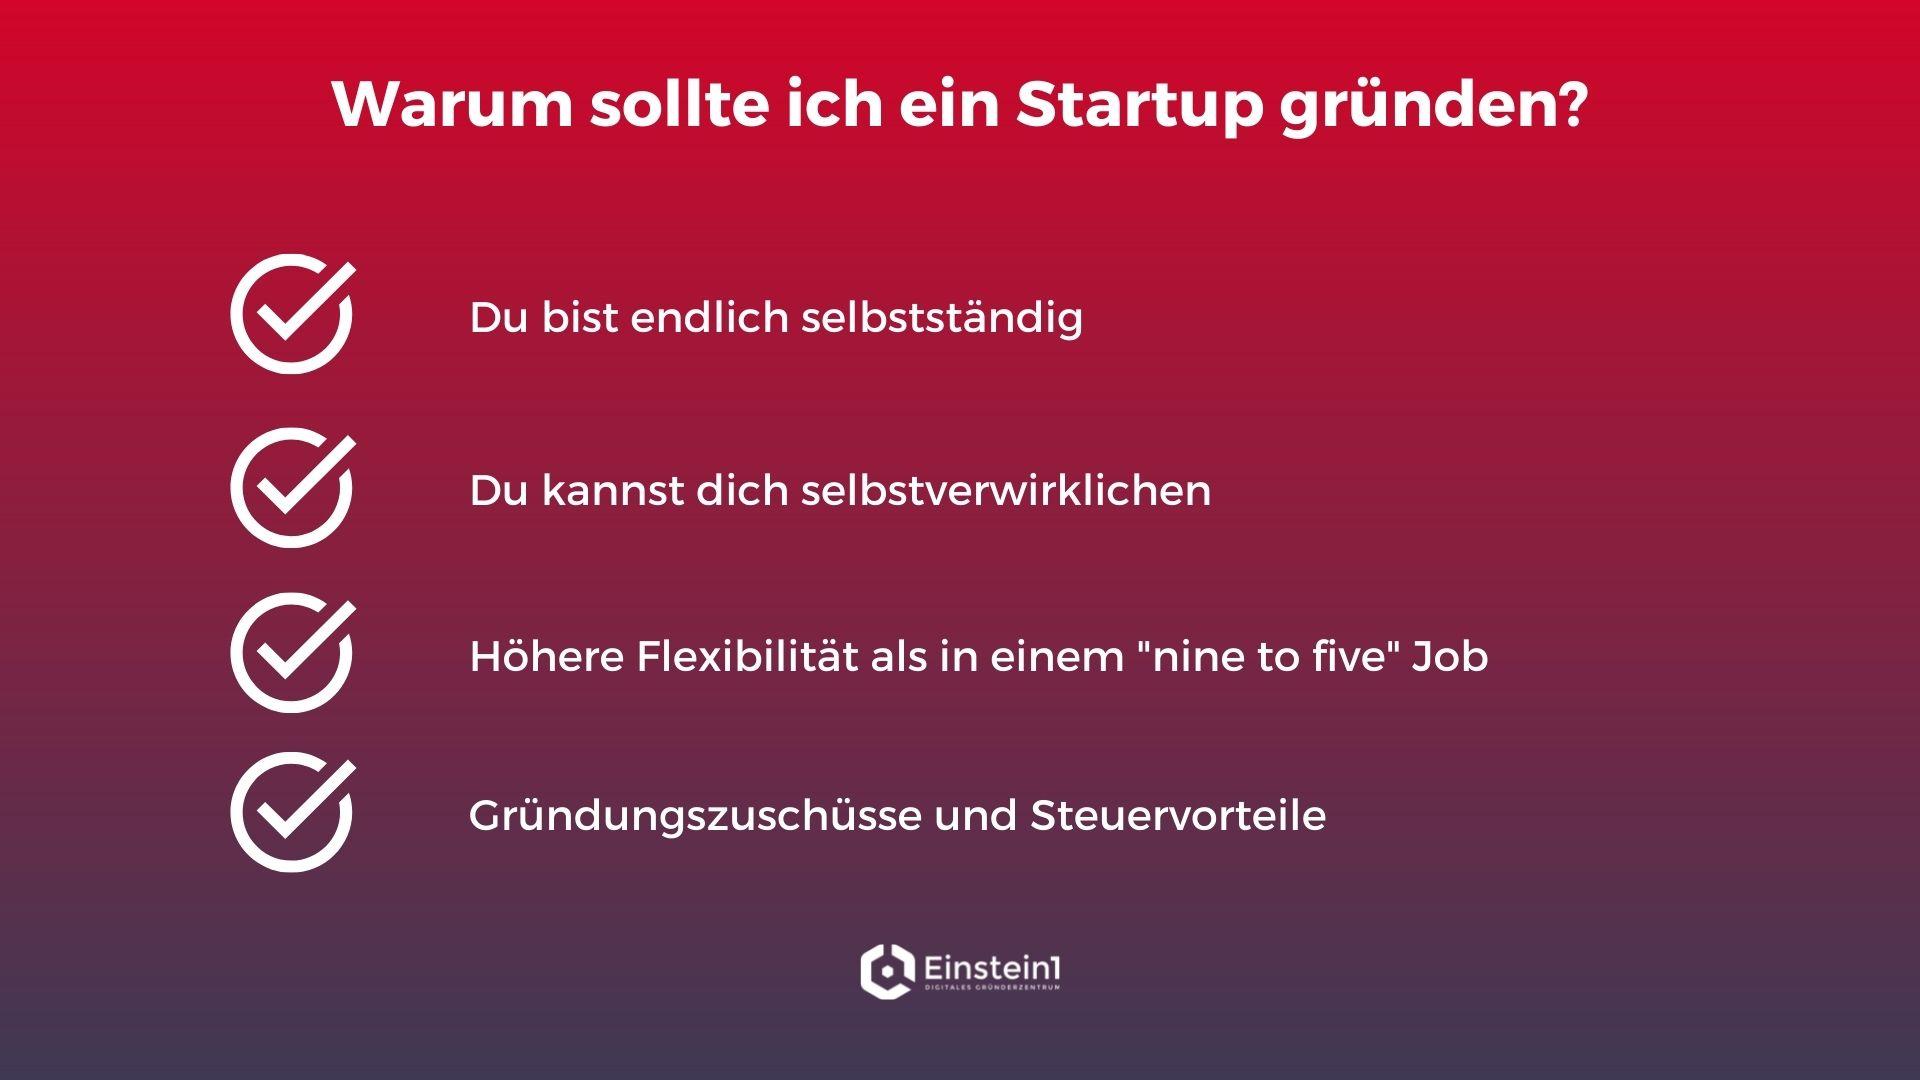 darum-solltest-du-jetzt-dein-startup-gründen-einstein1